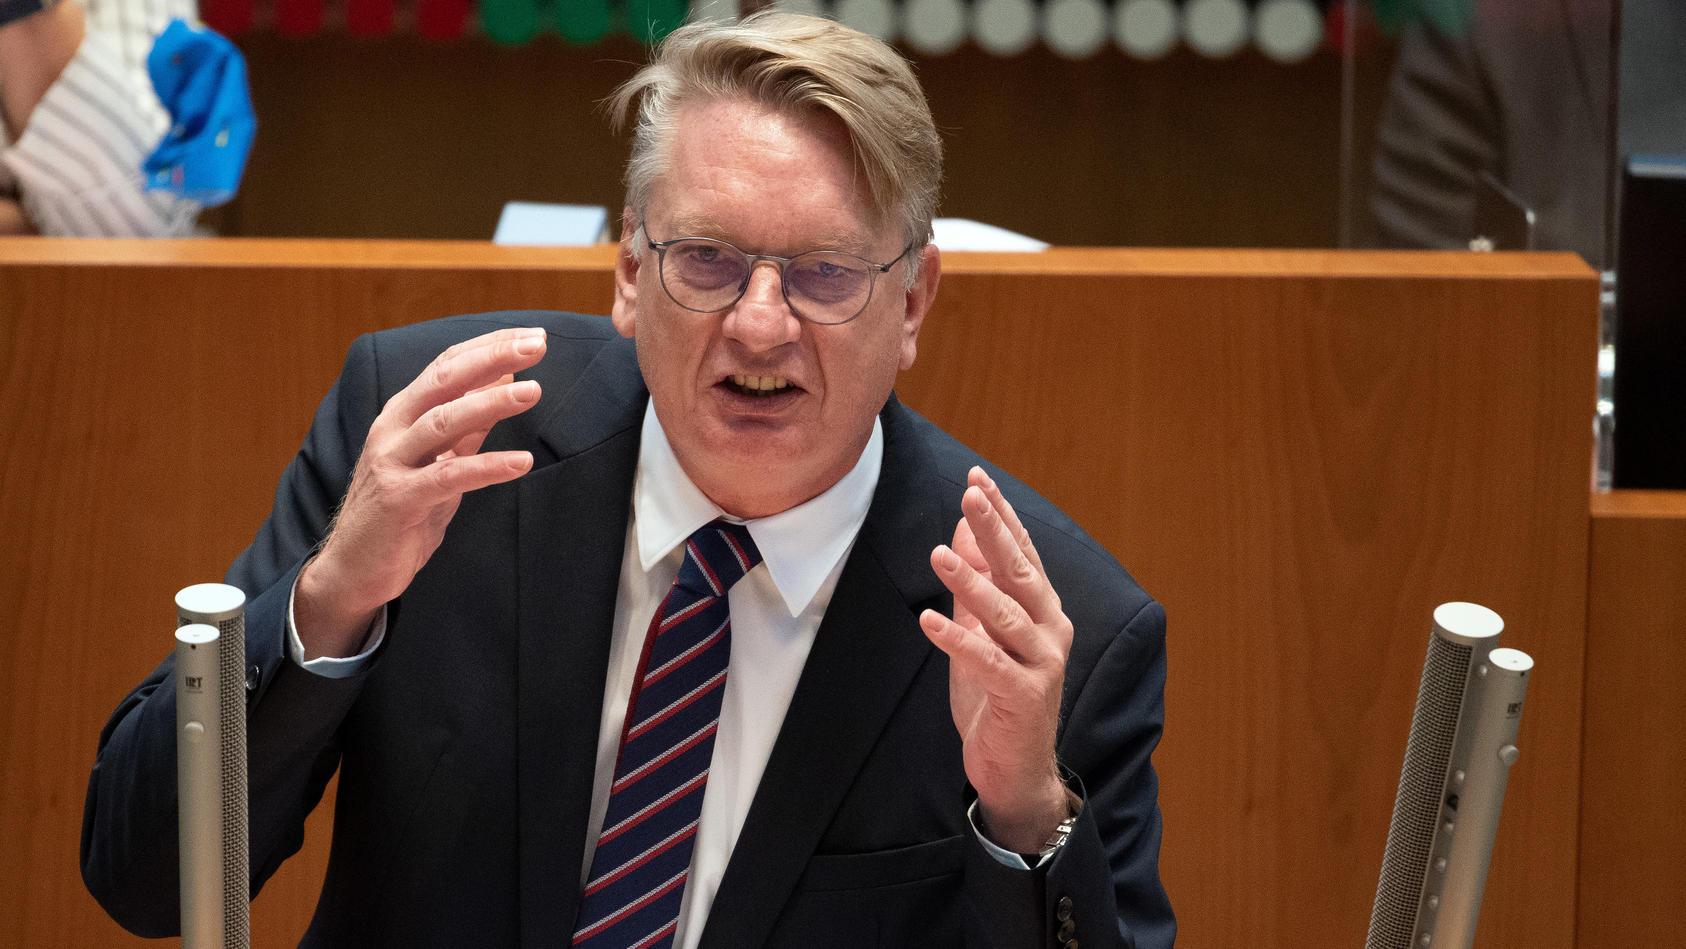 Markus Wagner - der Fraktionschef der NRW-AfD hat sich und Familienmitglieder gegen das Corona-Virus impfen lassen.